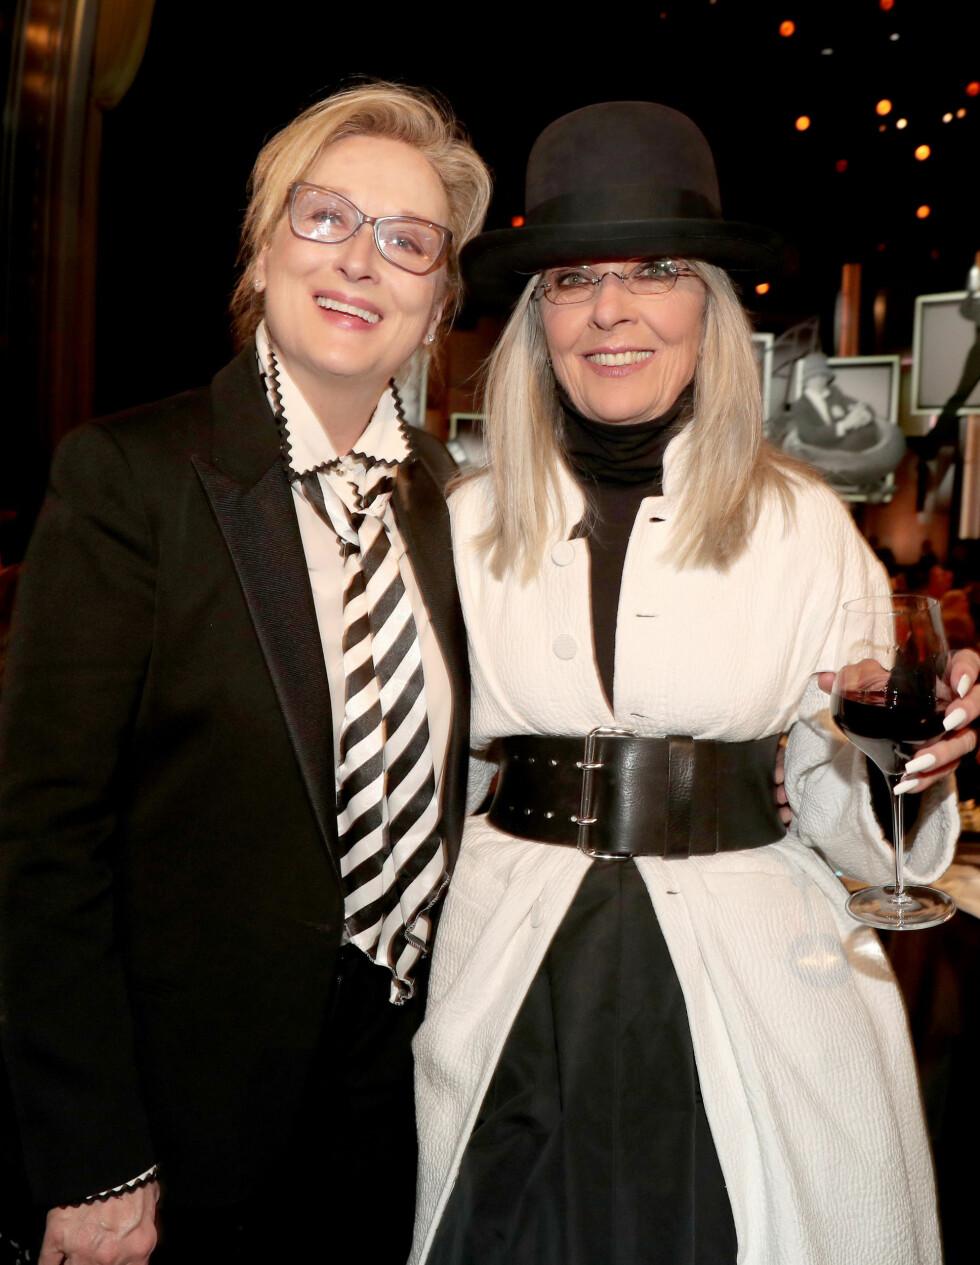 MERYL STREEP (68) OG DIANE KEATON (71): To Hollywood-yndlinger som både har gjort seg bemerket som skuespillere og modeller. De har begge to gjort modelloppdrag etter fylte 60. Dette bildet er fra 2017.  Foto: NTB Scanpix